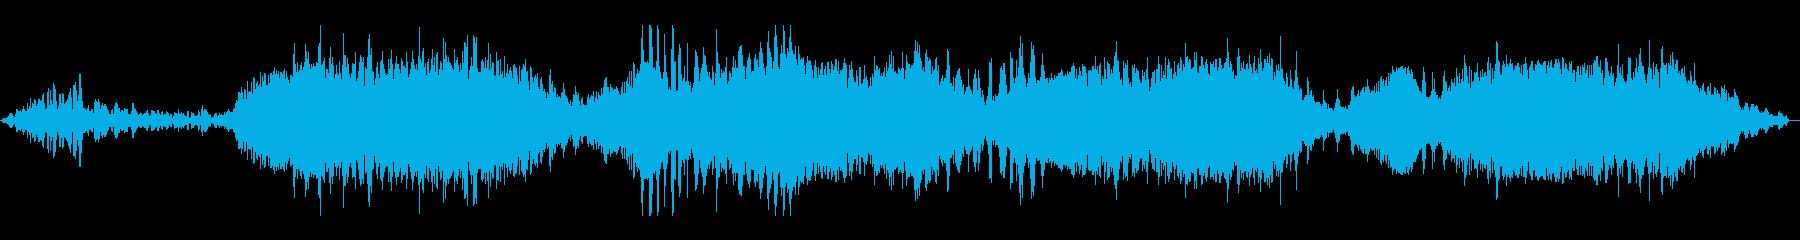 ジュワ〜ンピュルル〜(暗雲、つむじ風)の再生済みの波形